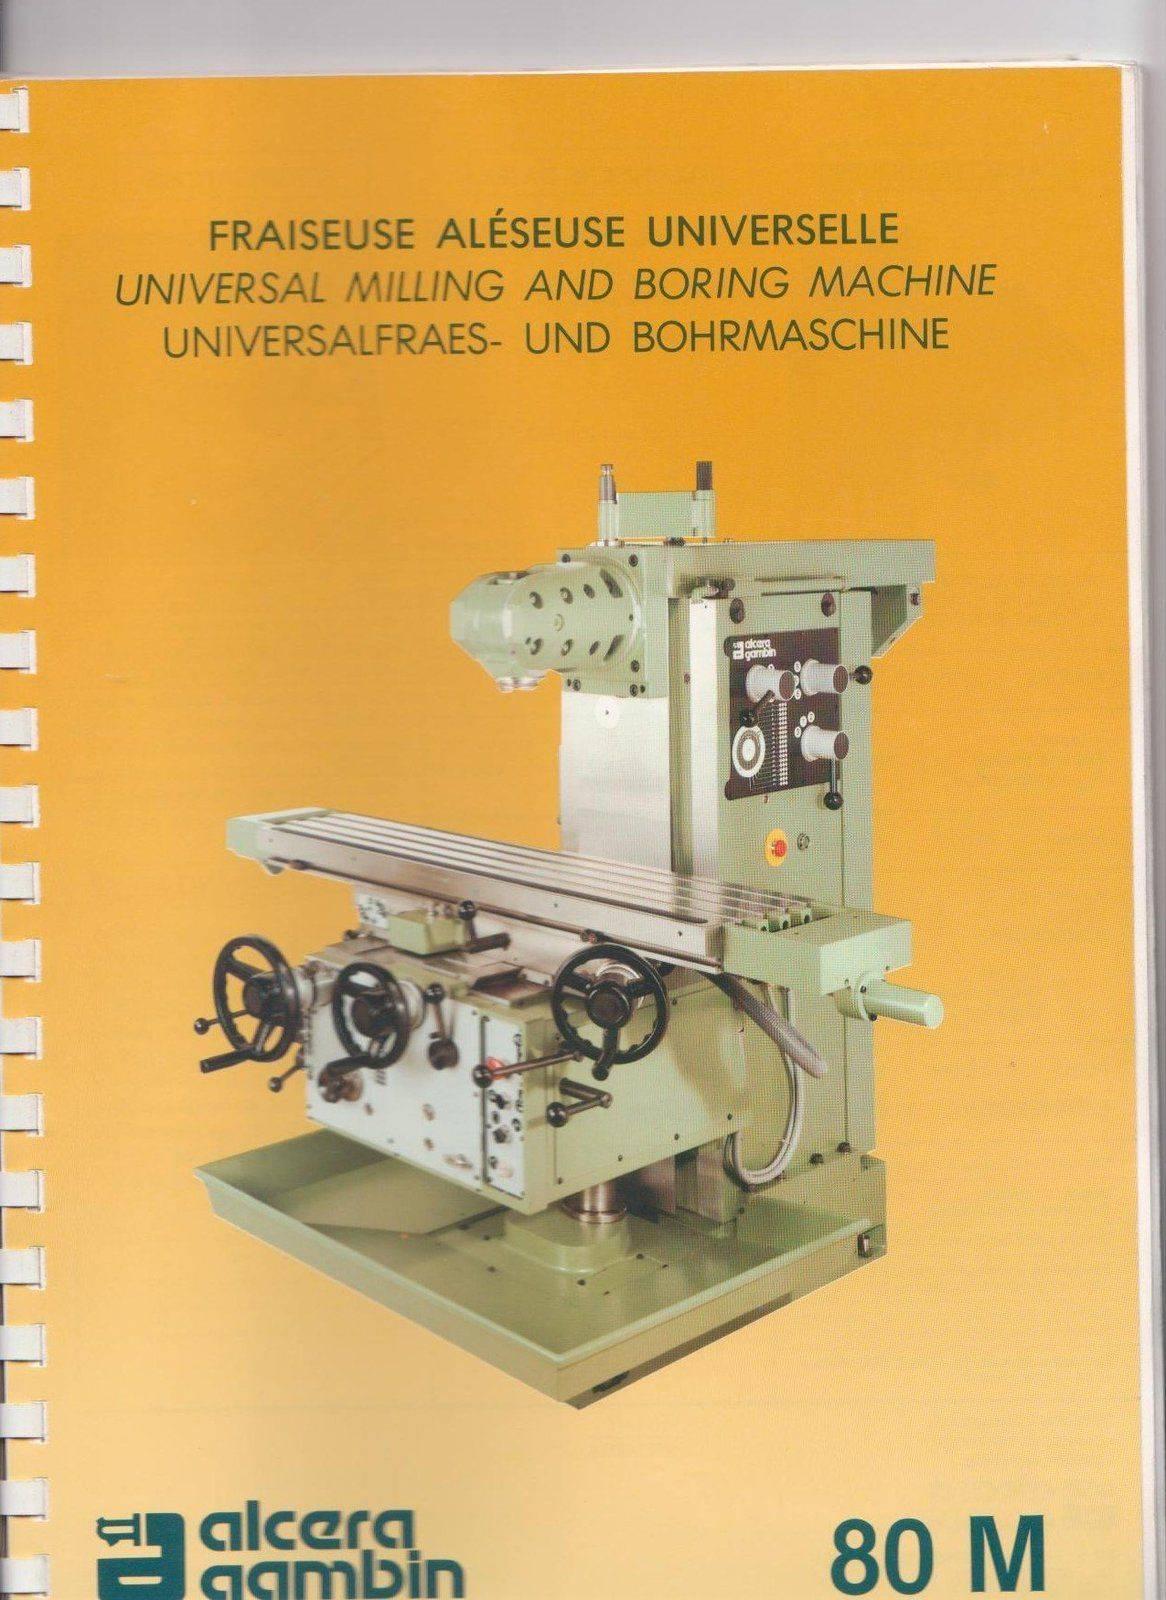 machine_696.jpg